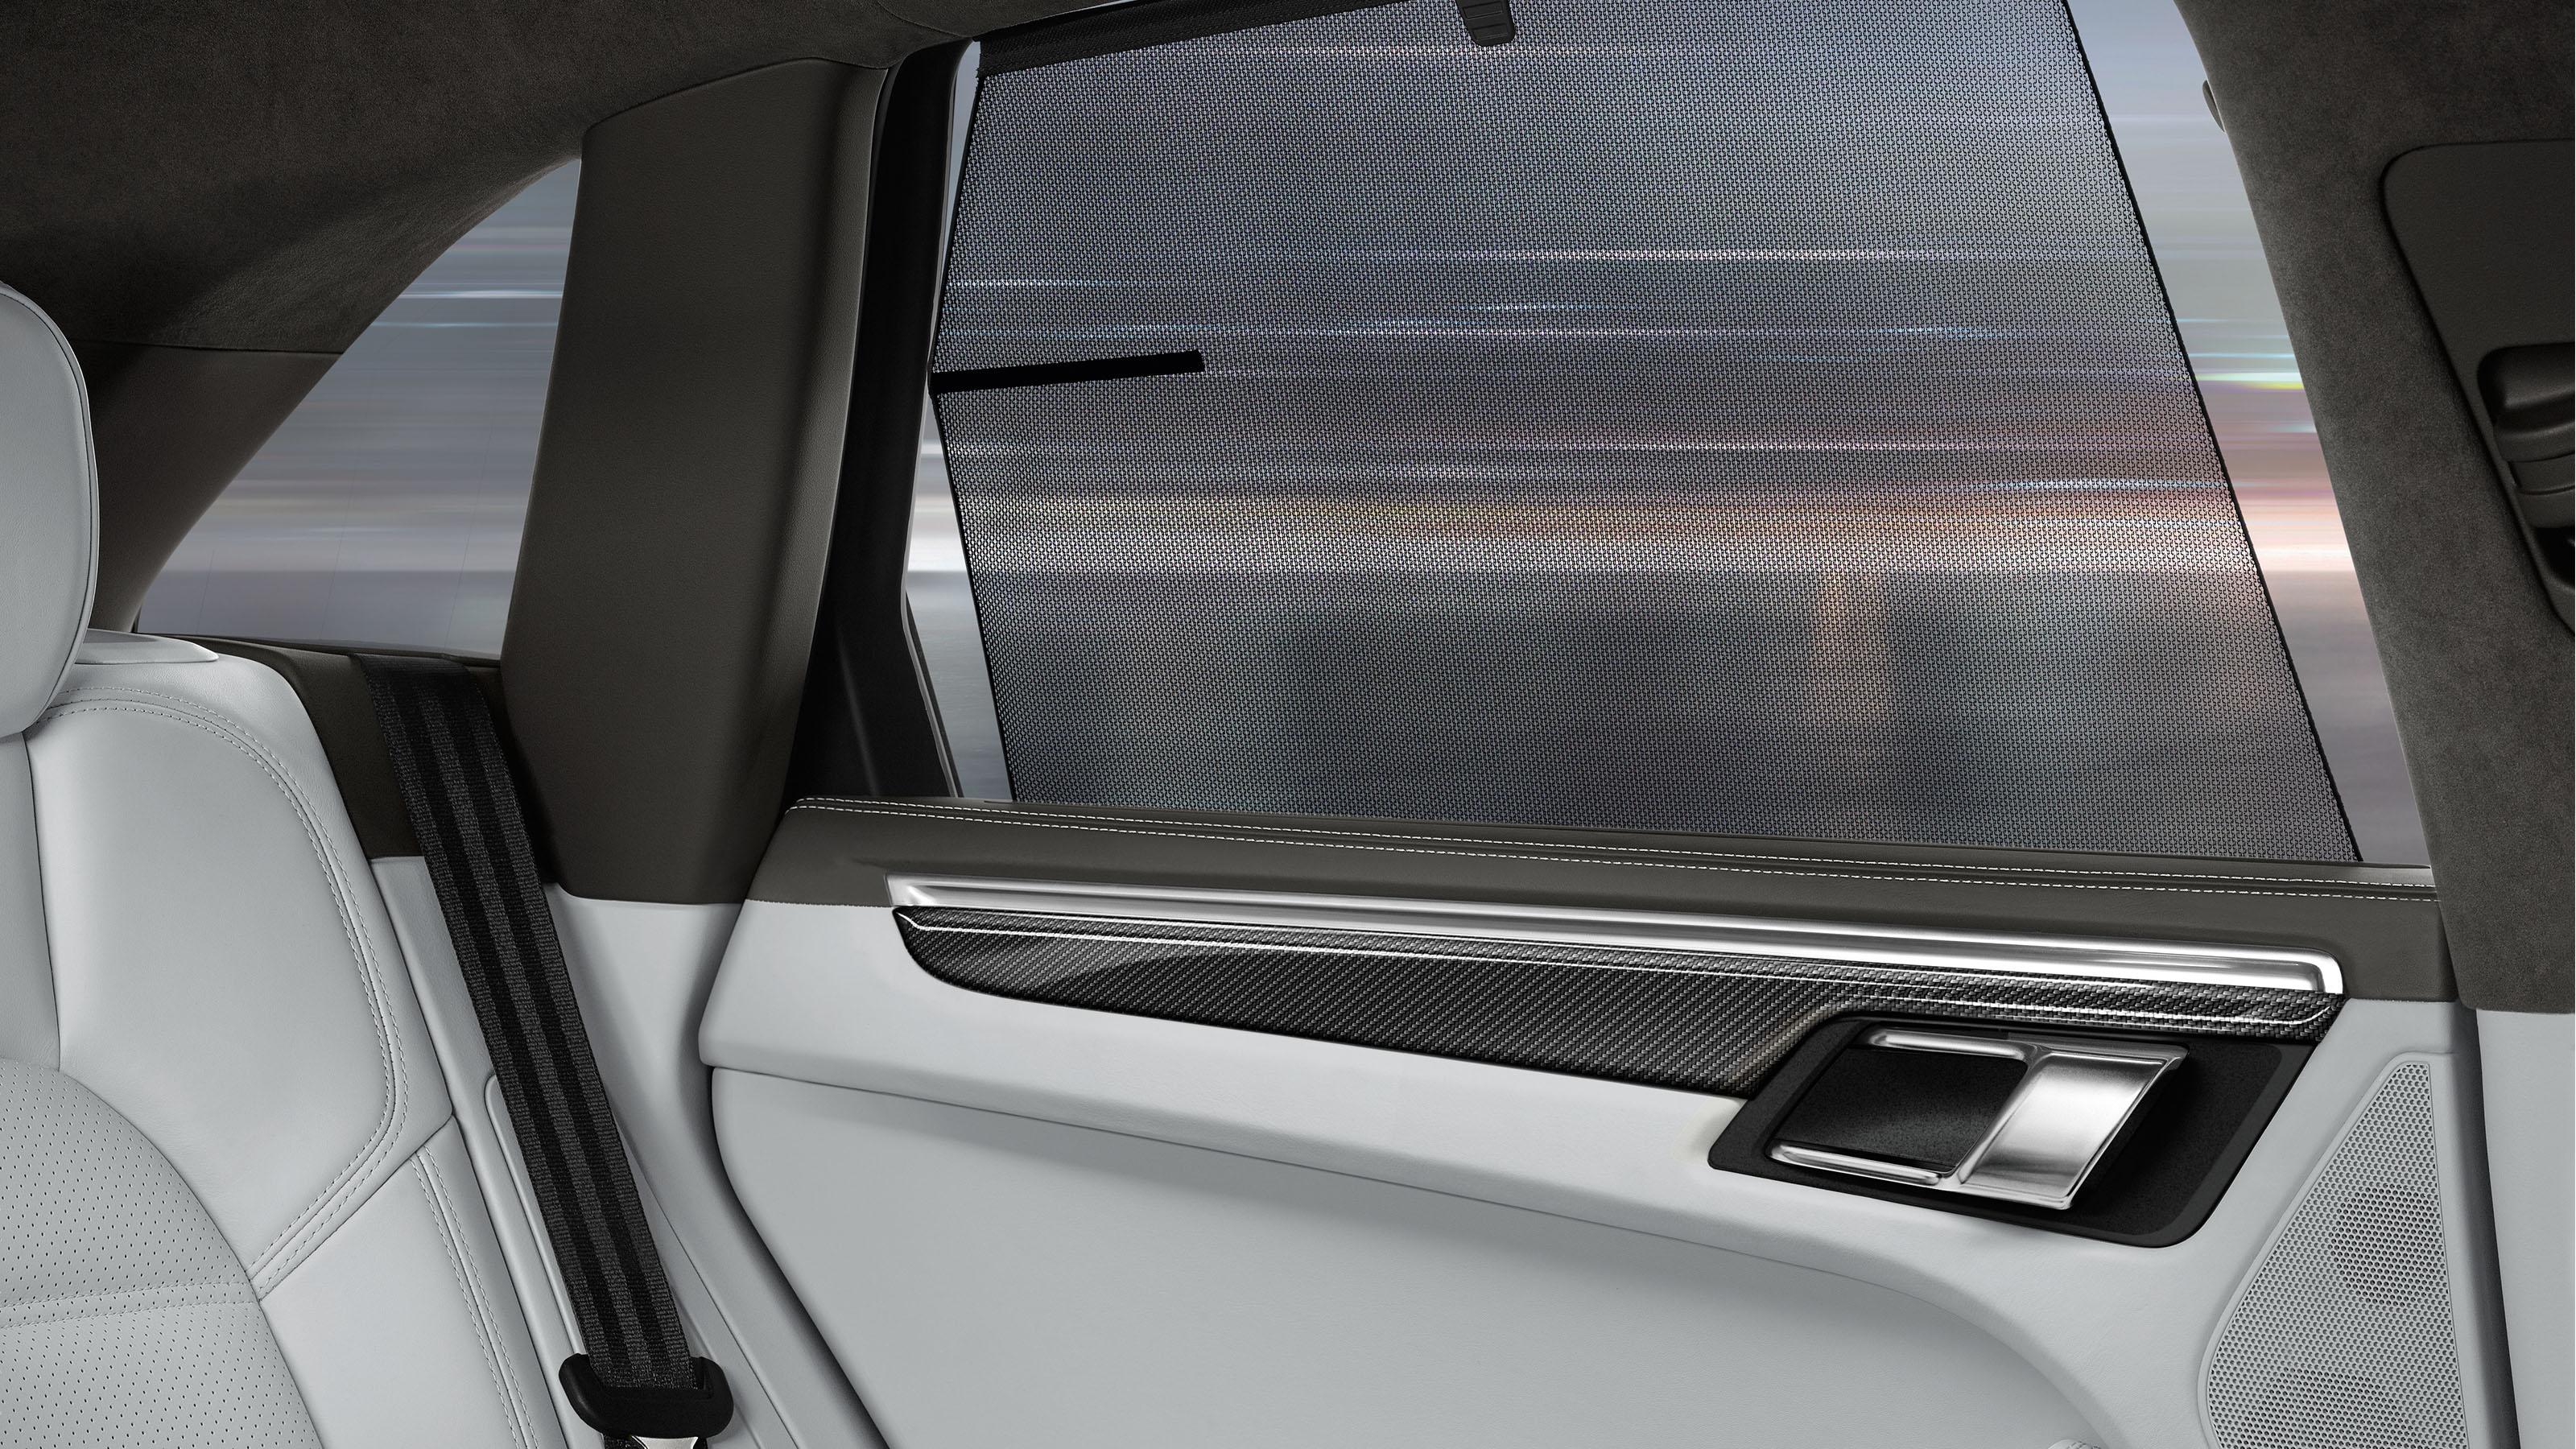 autoexport baden w rttemberg gebrauchtwagen ankauf. Black Bedroom Furniture Sets. Home Design Ideas